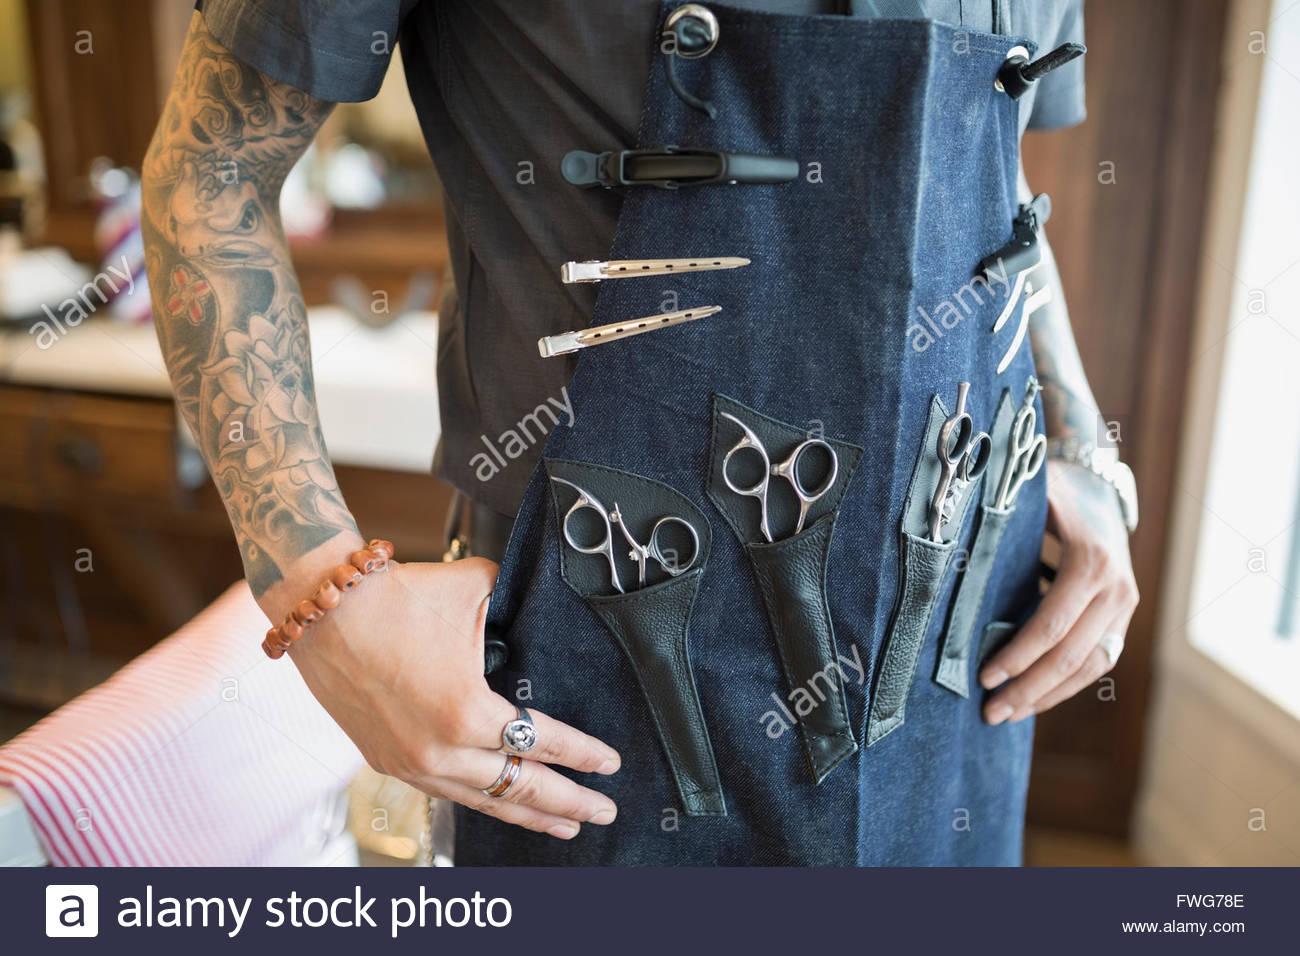 La mitad del torso tatuado barber vistiendo delantal con herramientas Imagen De Stock